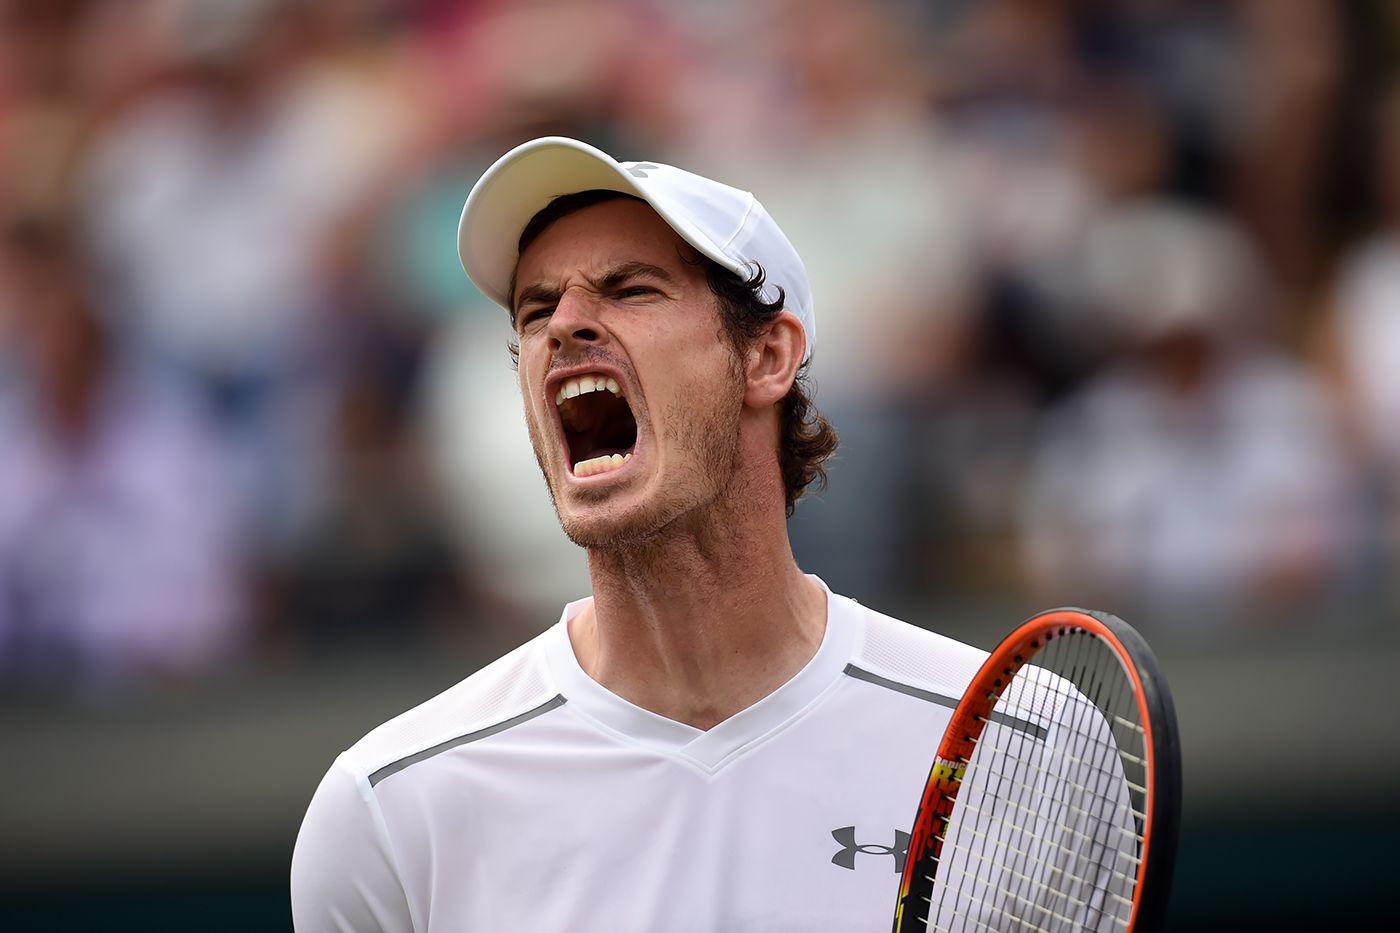 Các quy định về quần vợt thực sự quy định rằng la hét quá mức có thể khiến người chơi mất điểm